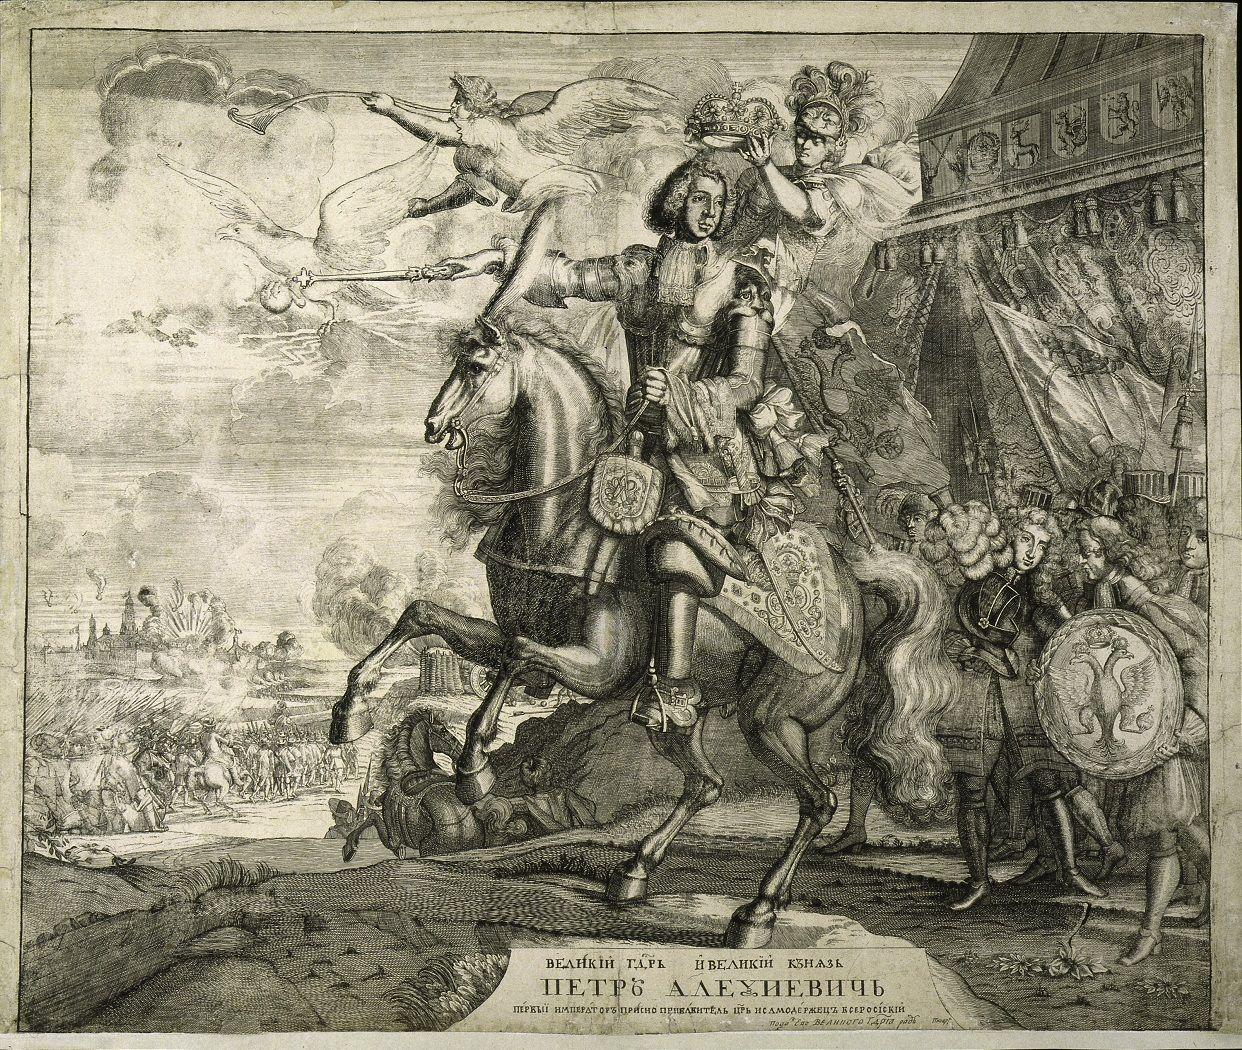 Конный портрет царя Петра Алексеевича на фоне баталии. Около 1707 г. Питер Пикарт. Бумага, офорт, резец. 54,0 х 64,5.